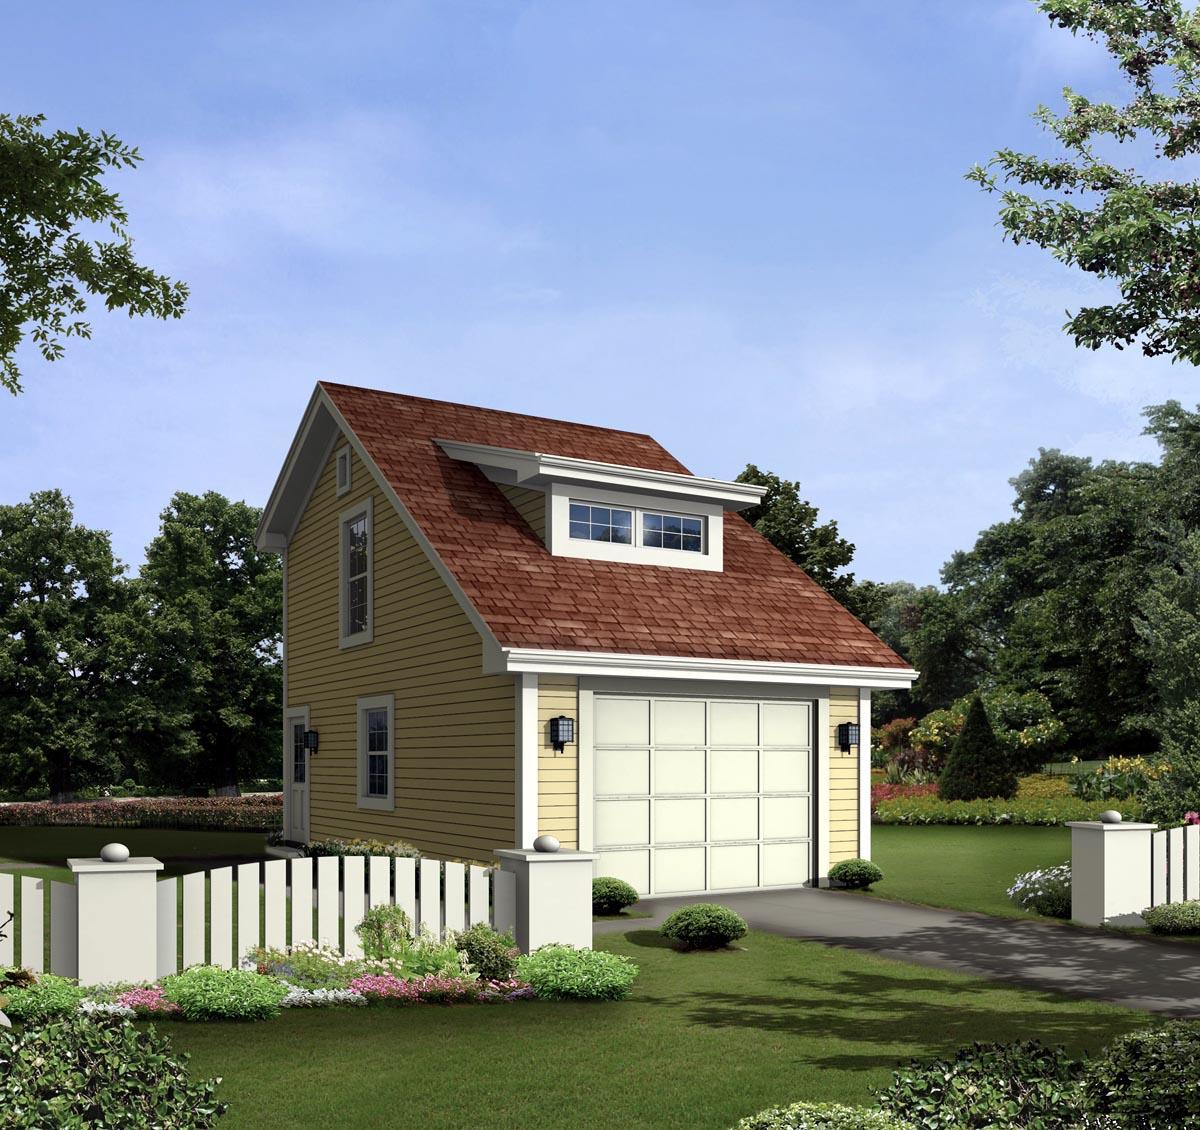 Garage Plan 95826 At Familyhomeplans Com: Garage Plan 95925 At FamilyHomePlans.com